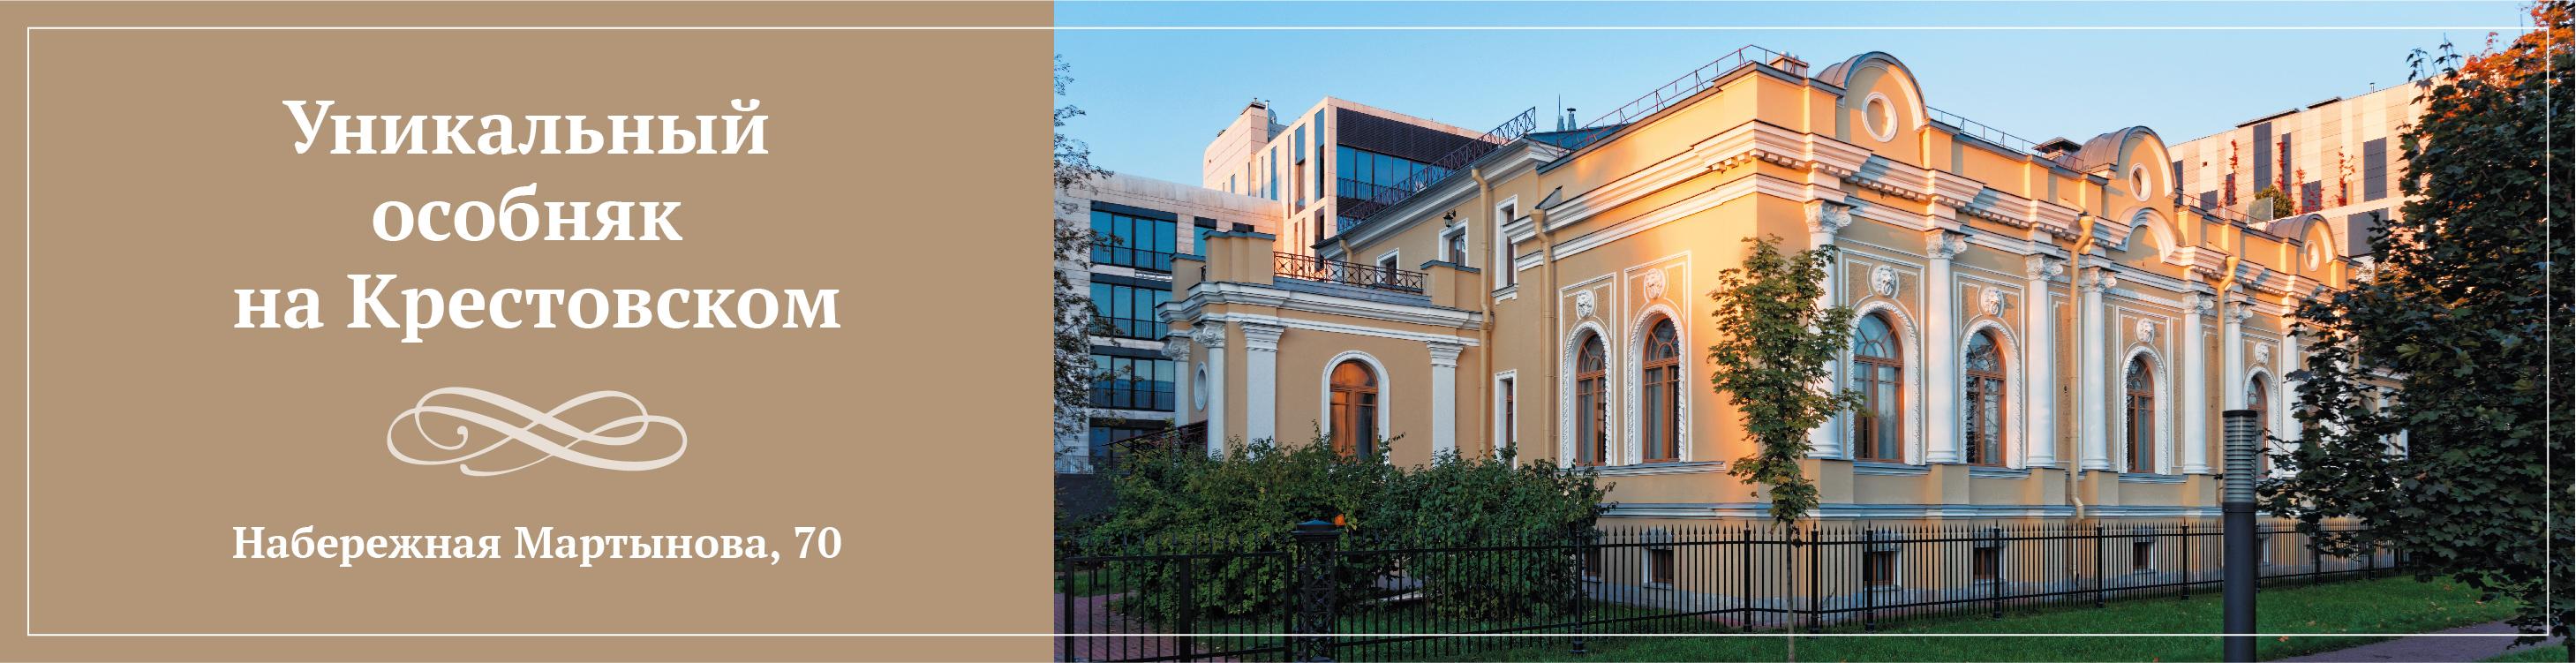 f935f4e9903ac Элитная недвижимость в Санкт-Петербурге - продажа элитных квартир в ...